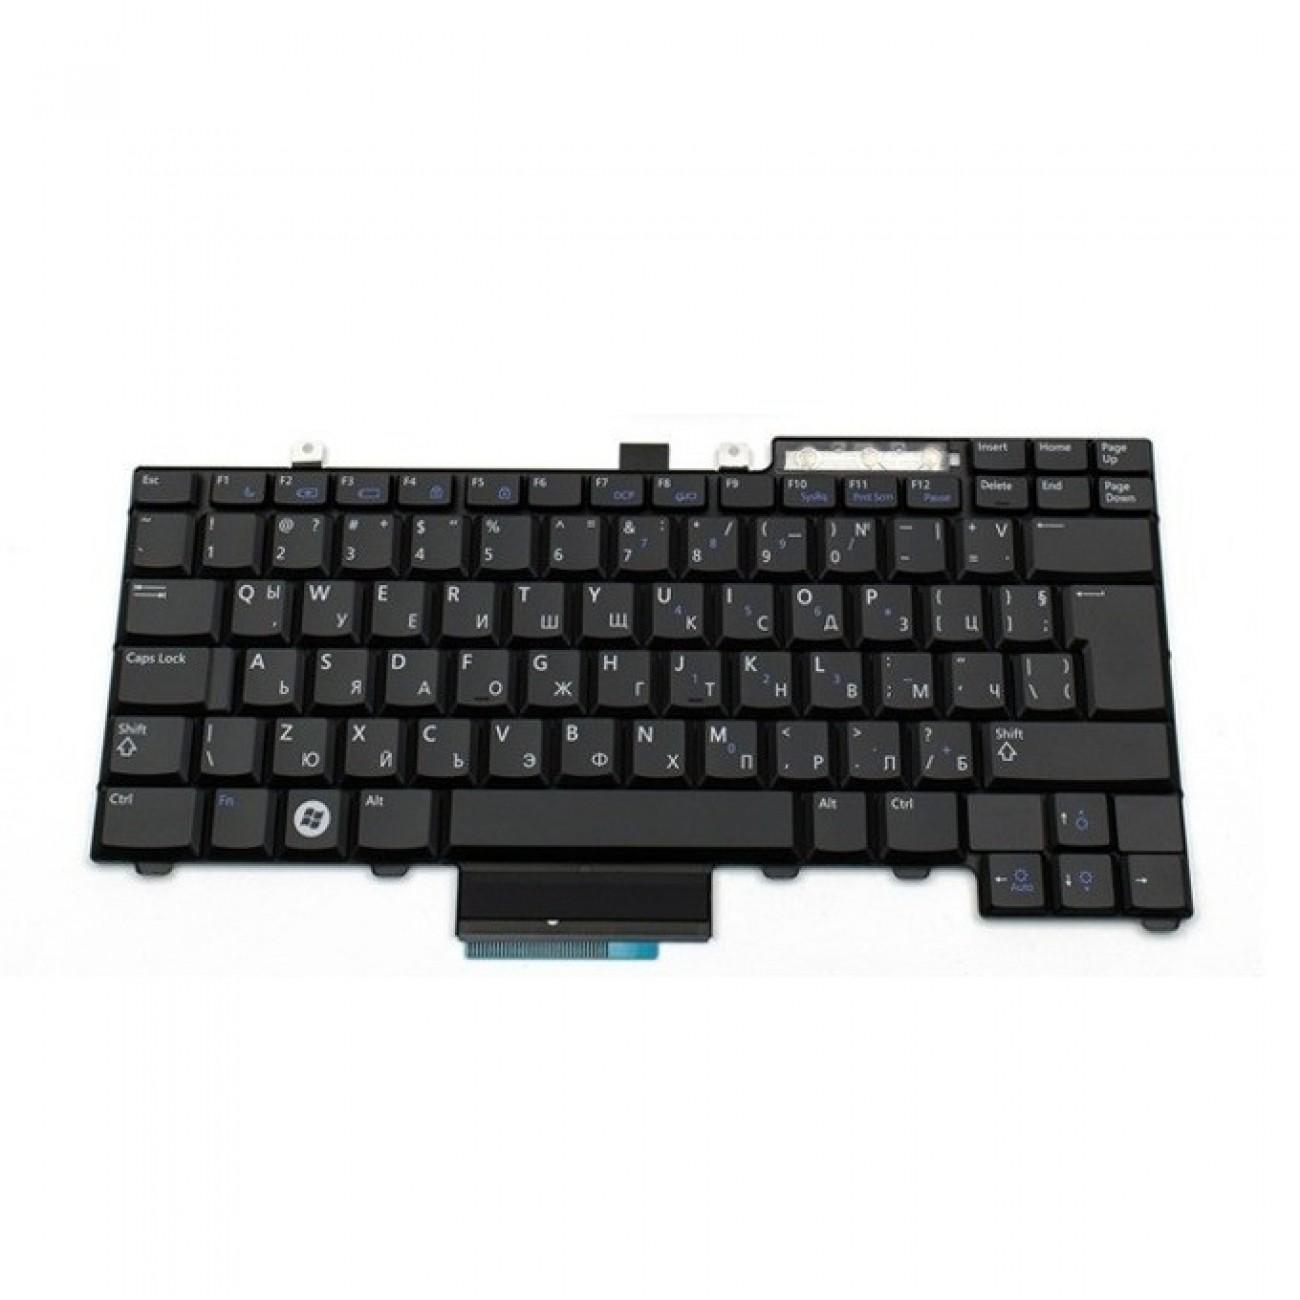 Клавиатура за лаптоп Dell, съвместима със серия Latitude E5400 E5500 E6400 E6500, US/UK, черна, с кирилица в Резервни части -  | Alleop